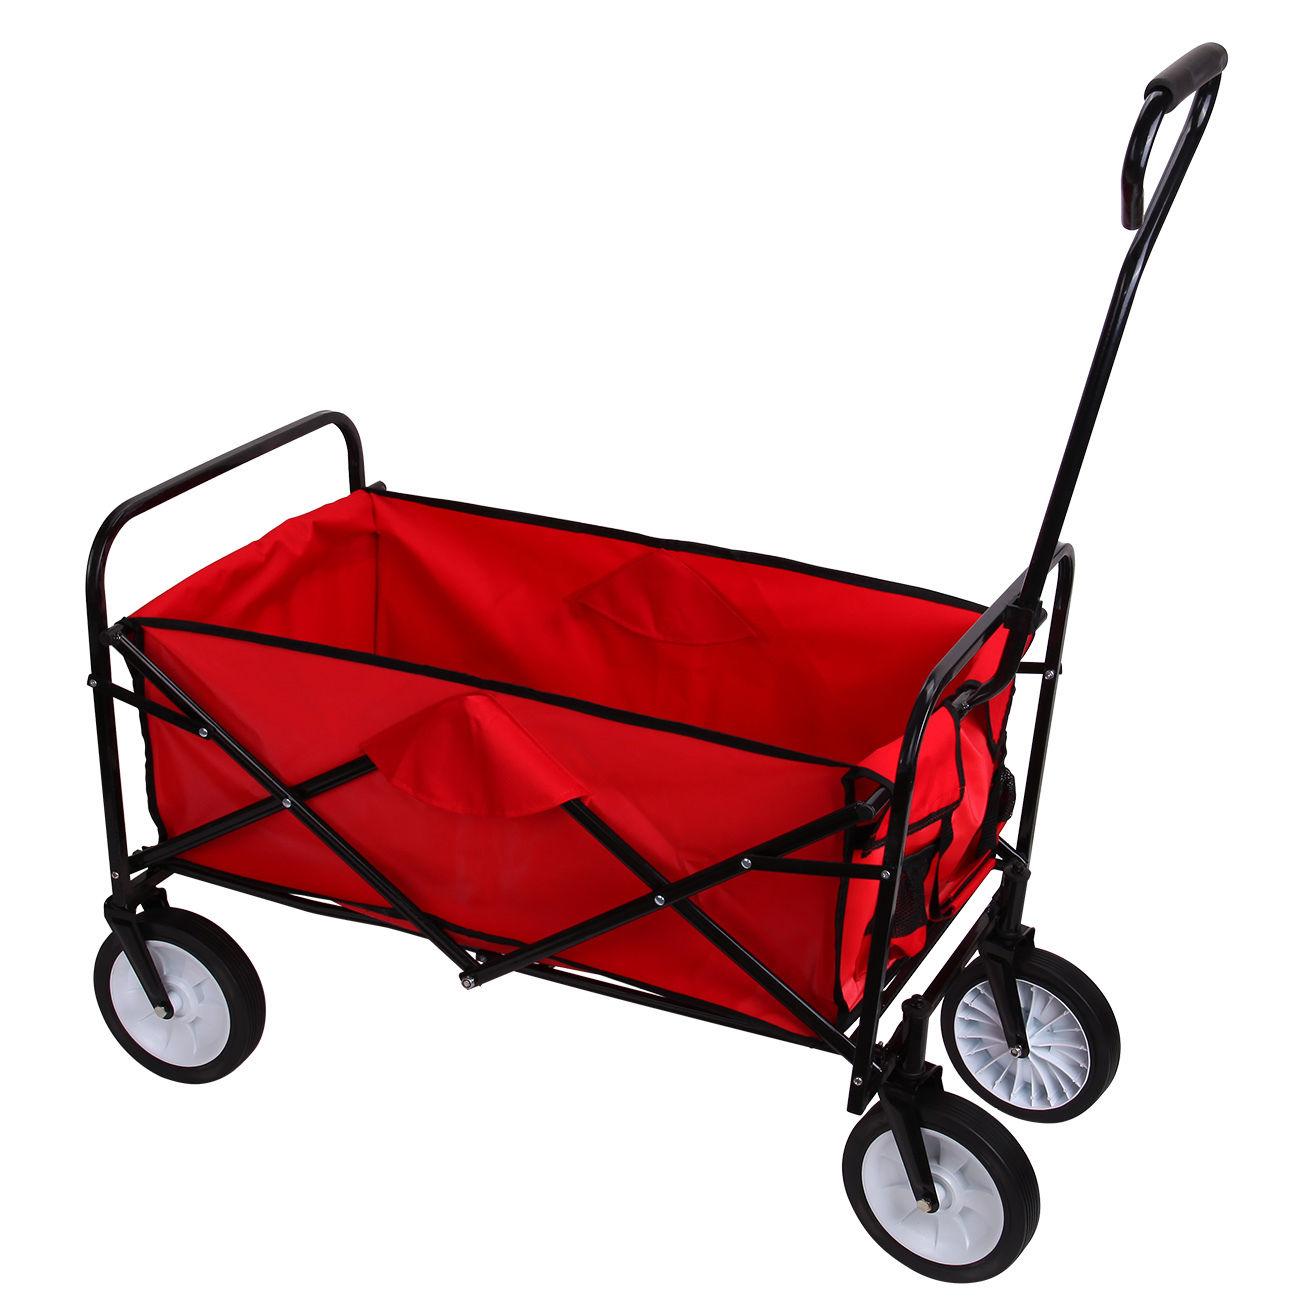 Heavy duty utility garden folding tool cart wagon 4 wheel for Garden tools for 4 wheeler